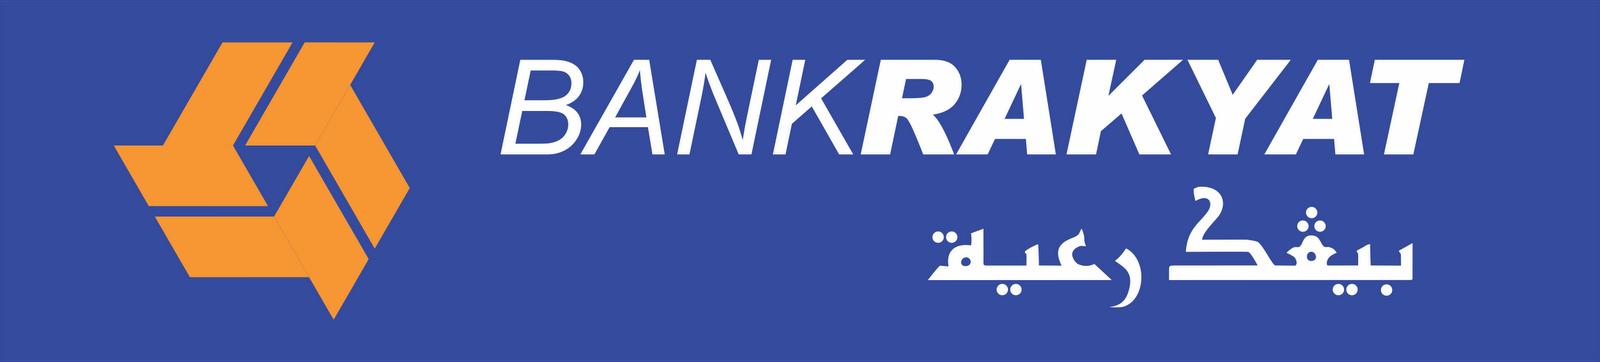 Semalam check peti surat ada surat logo bank rakyat, buka tengok tajuk ...